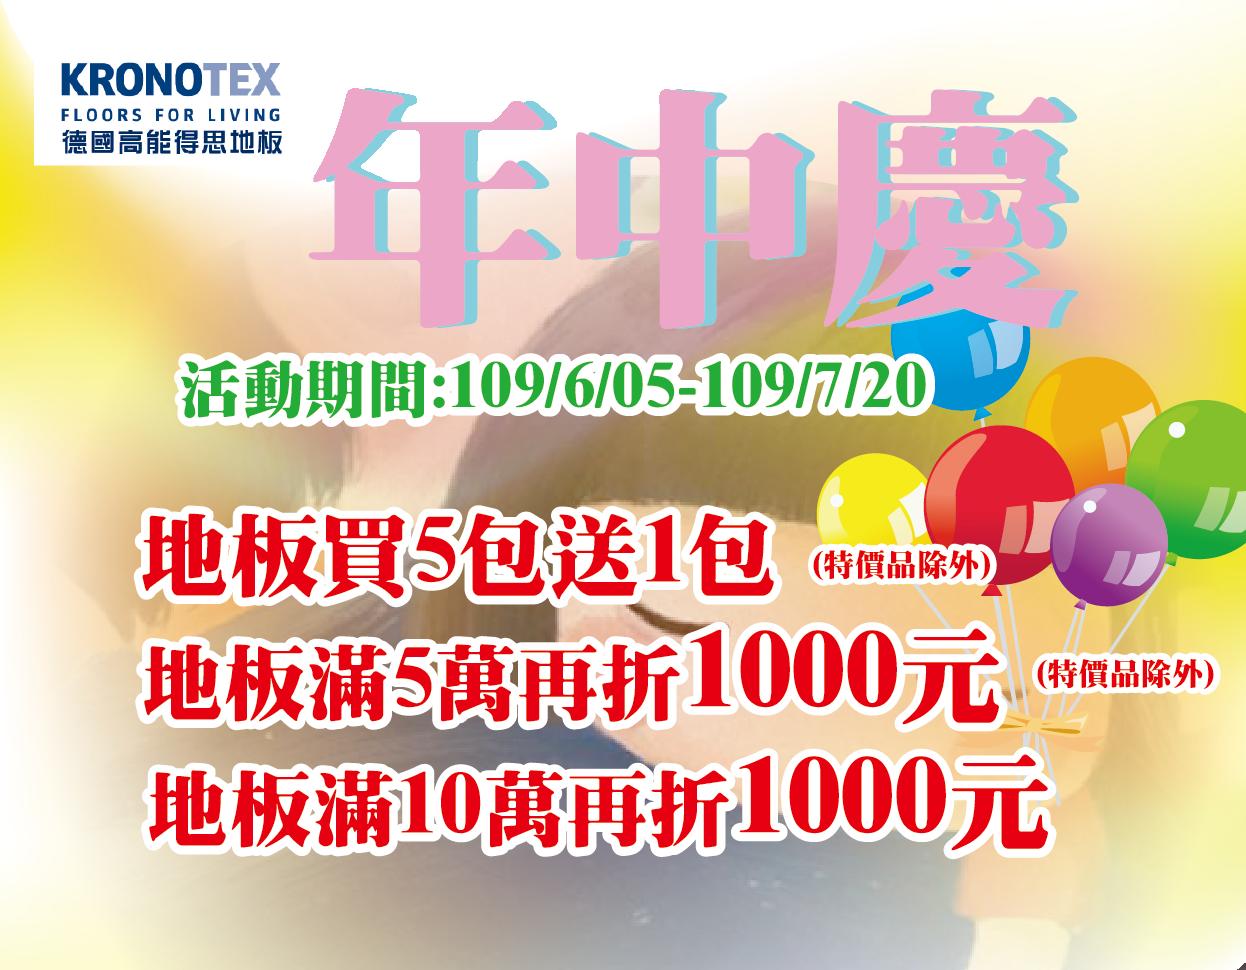 年中慶-1090605-1090720-05